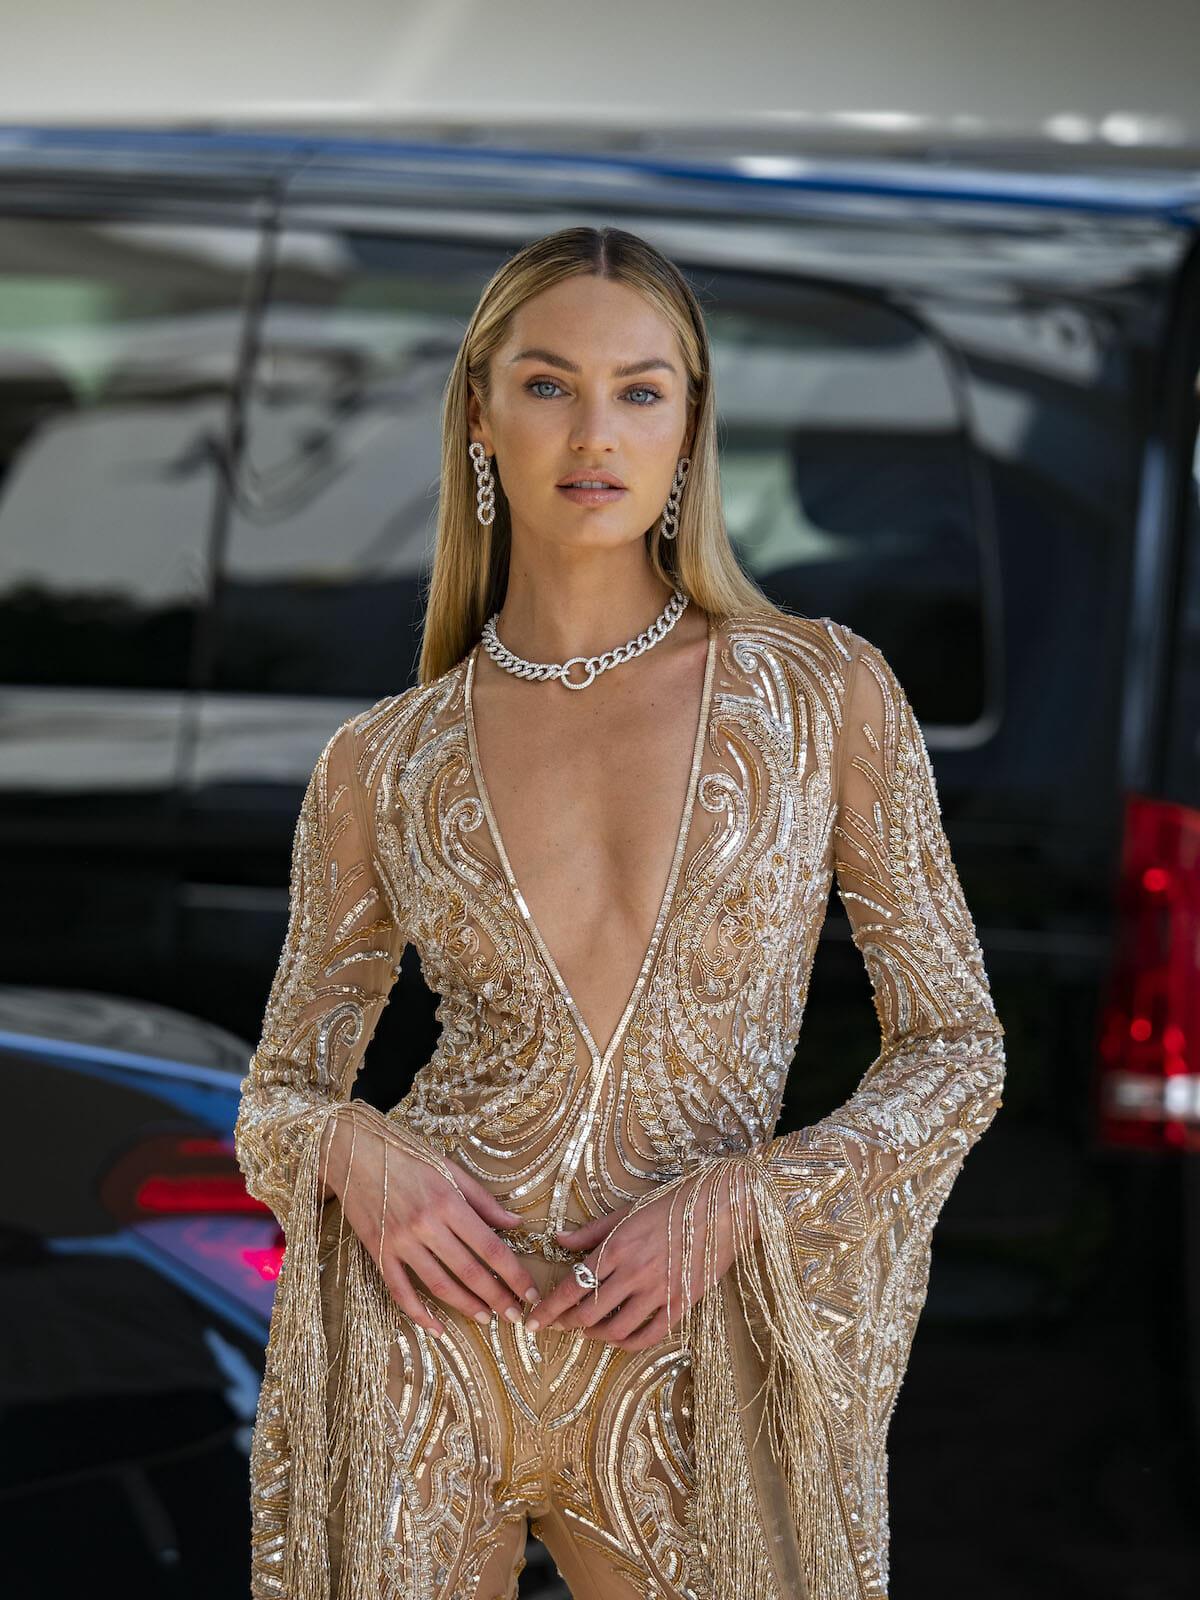 Siêu mẫu Nam Phi Candice Swanpoel tinh tế lựa chọn vòng cổ Catene của Pomellato với các mắt xích vàng trắng nạm kim cương trắng lấp lánh và hoa tai phù hợp với trang phục.